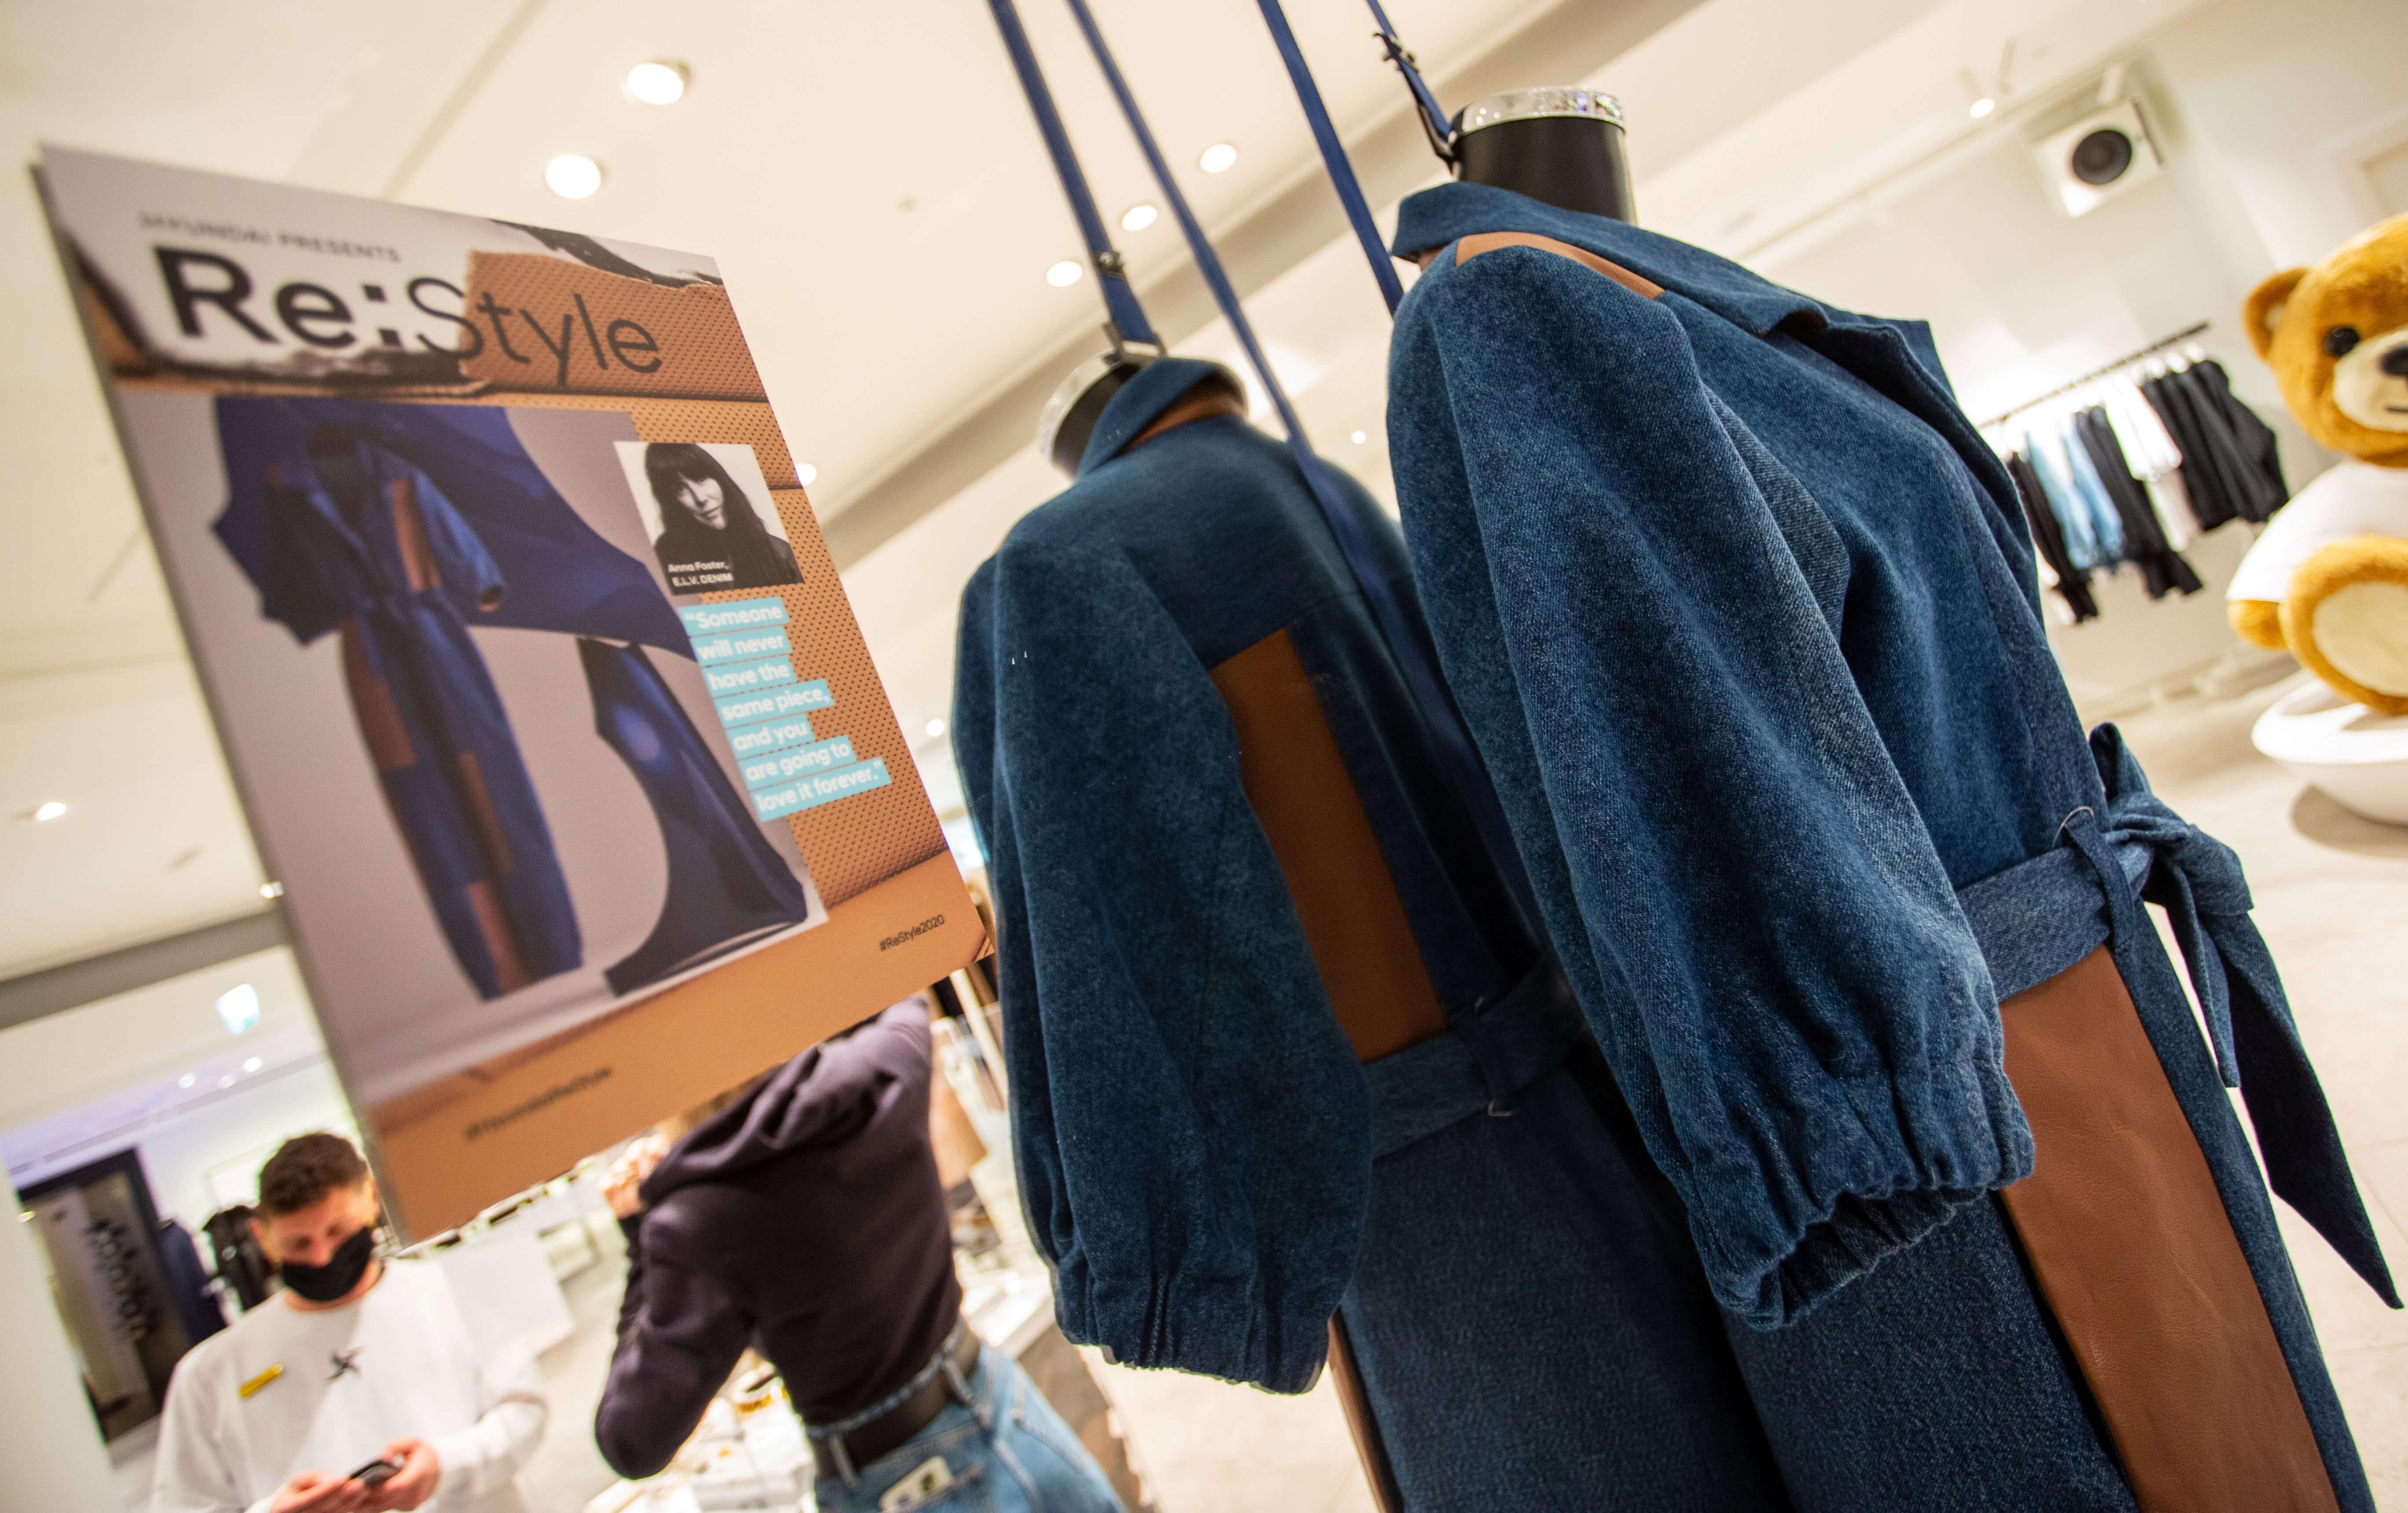 Hyundai unveils sustainable fashion range at Selfridges.